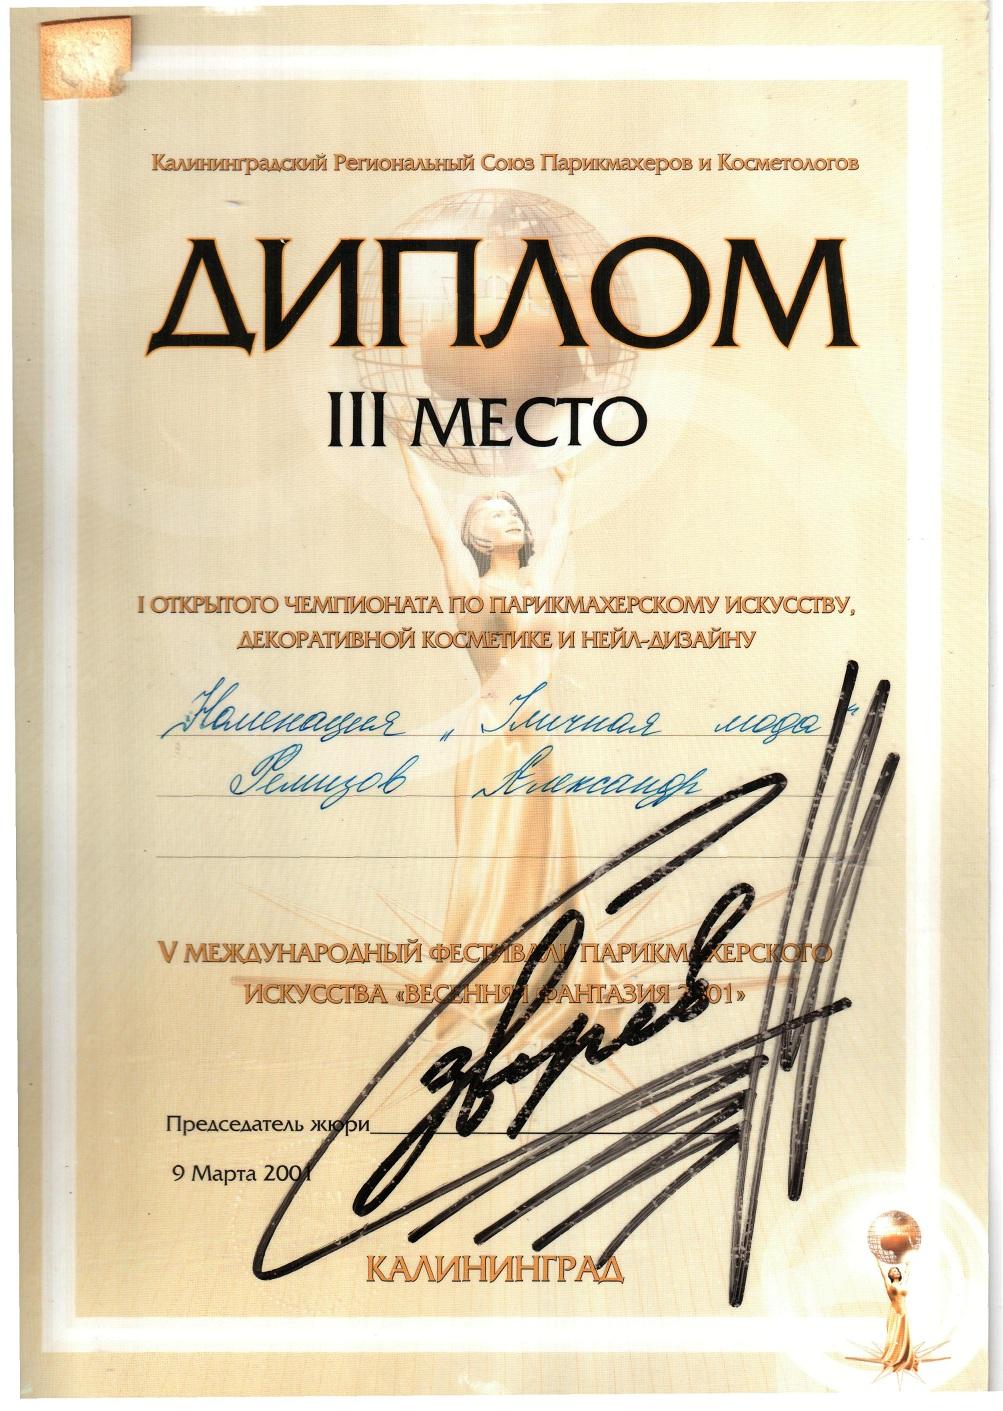 2001 участие в конкурсе. 3 призовое место